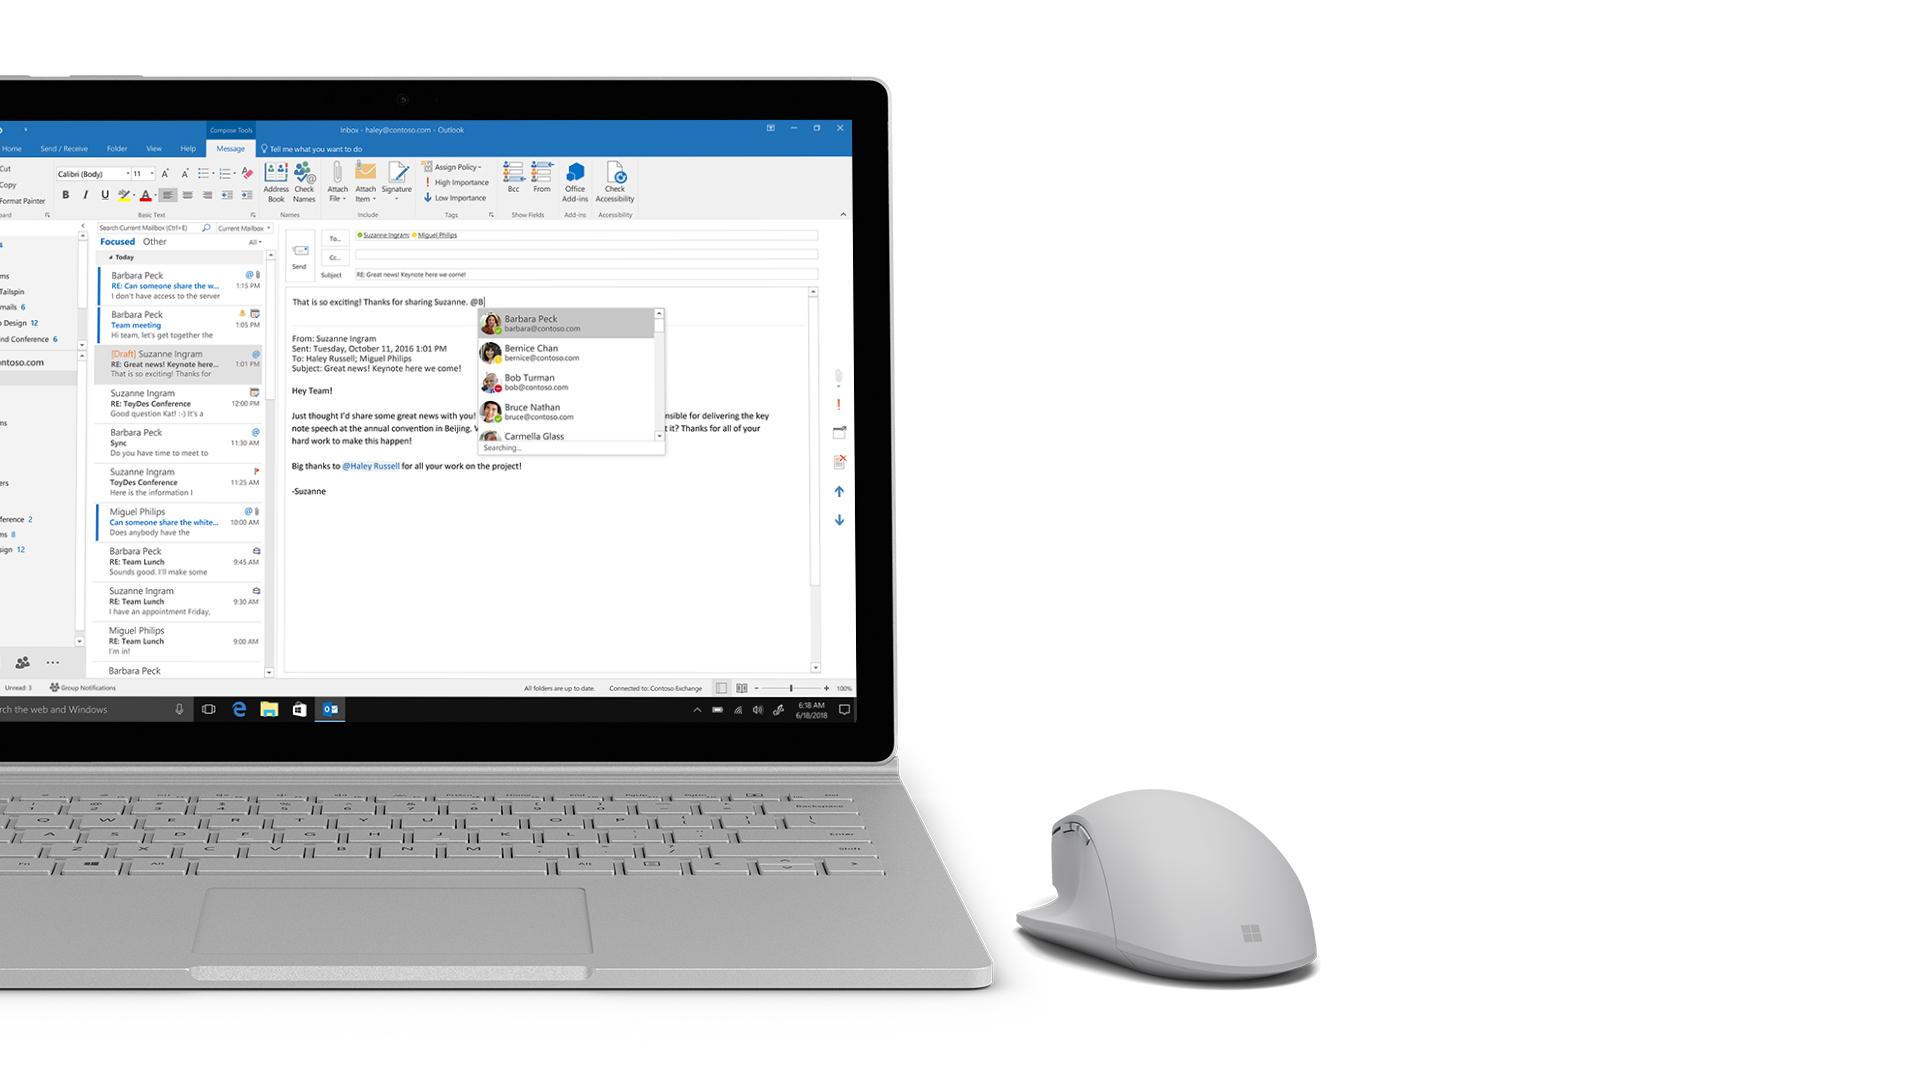 Outlook-näyttökuva Surfacessa.